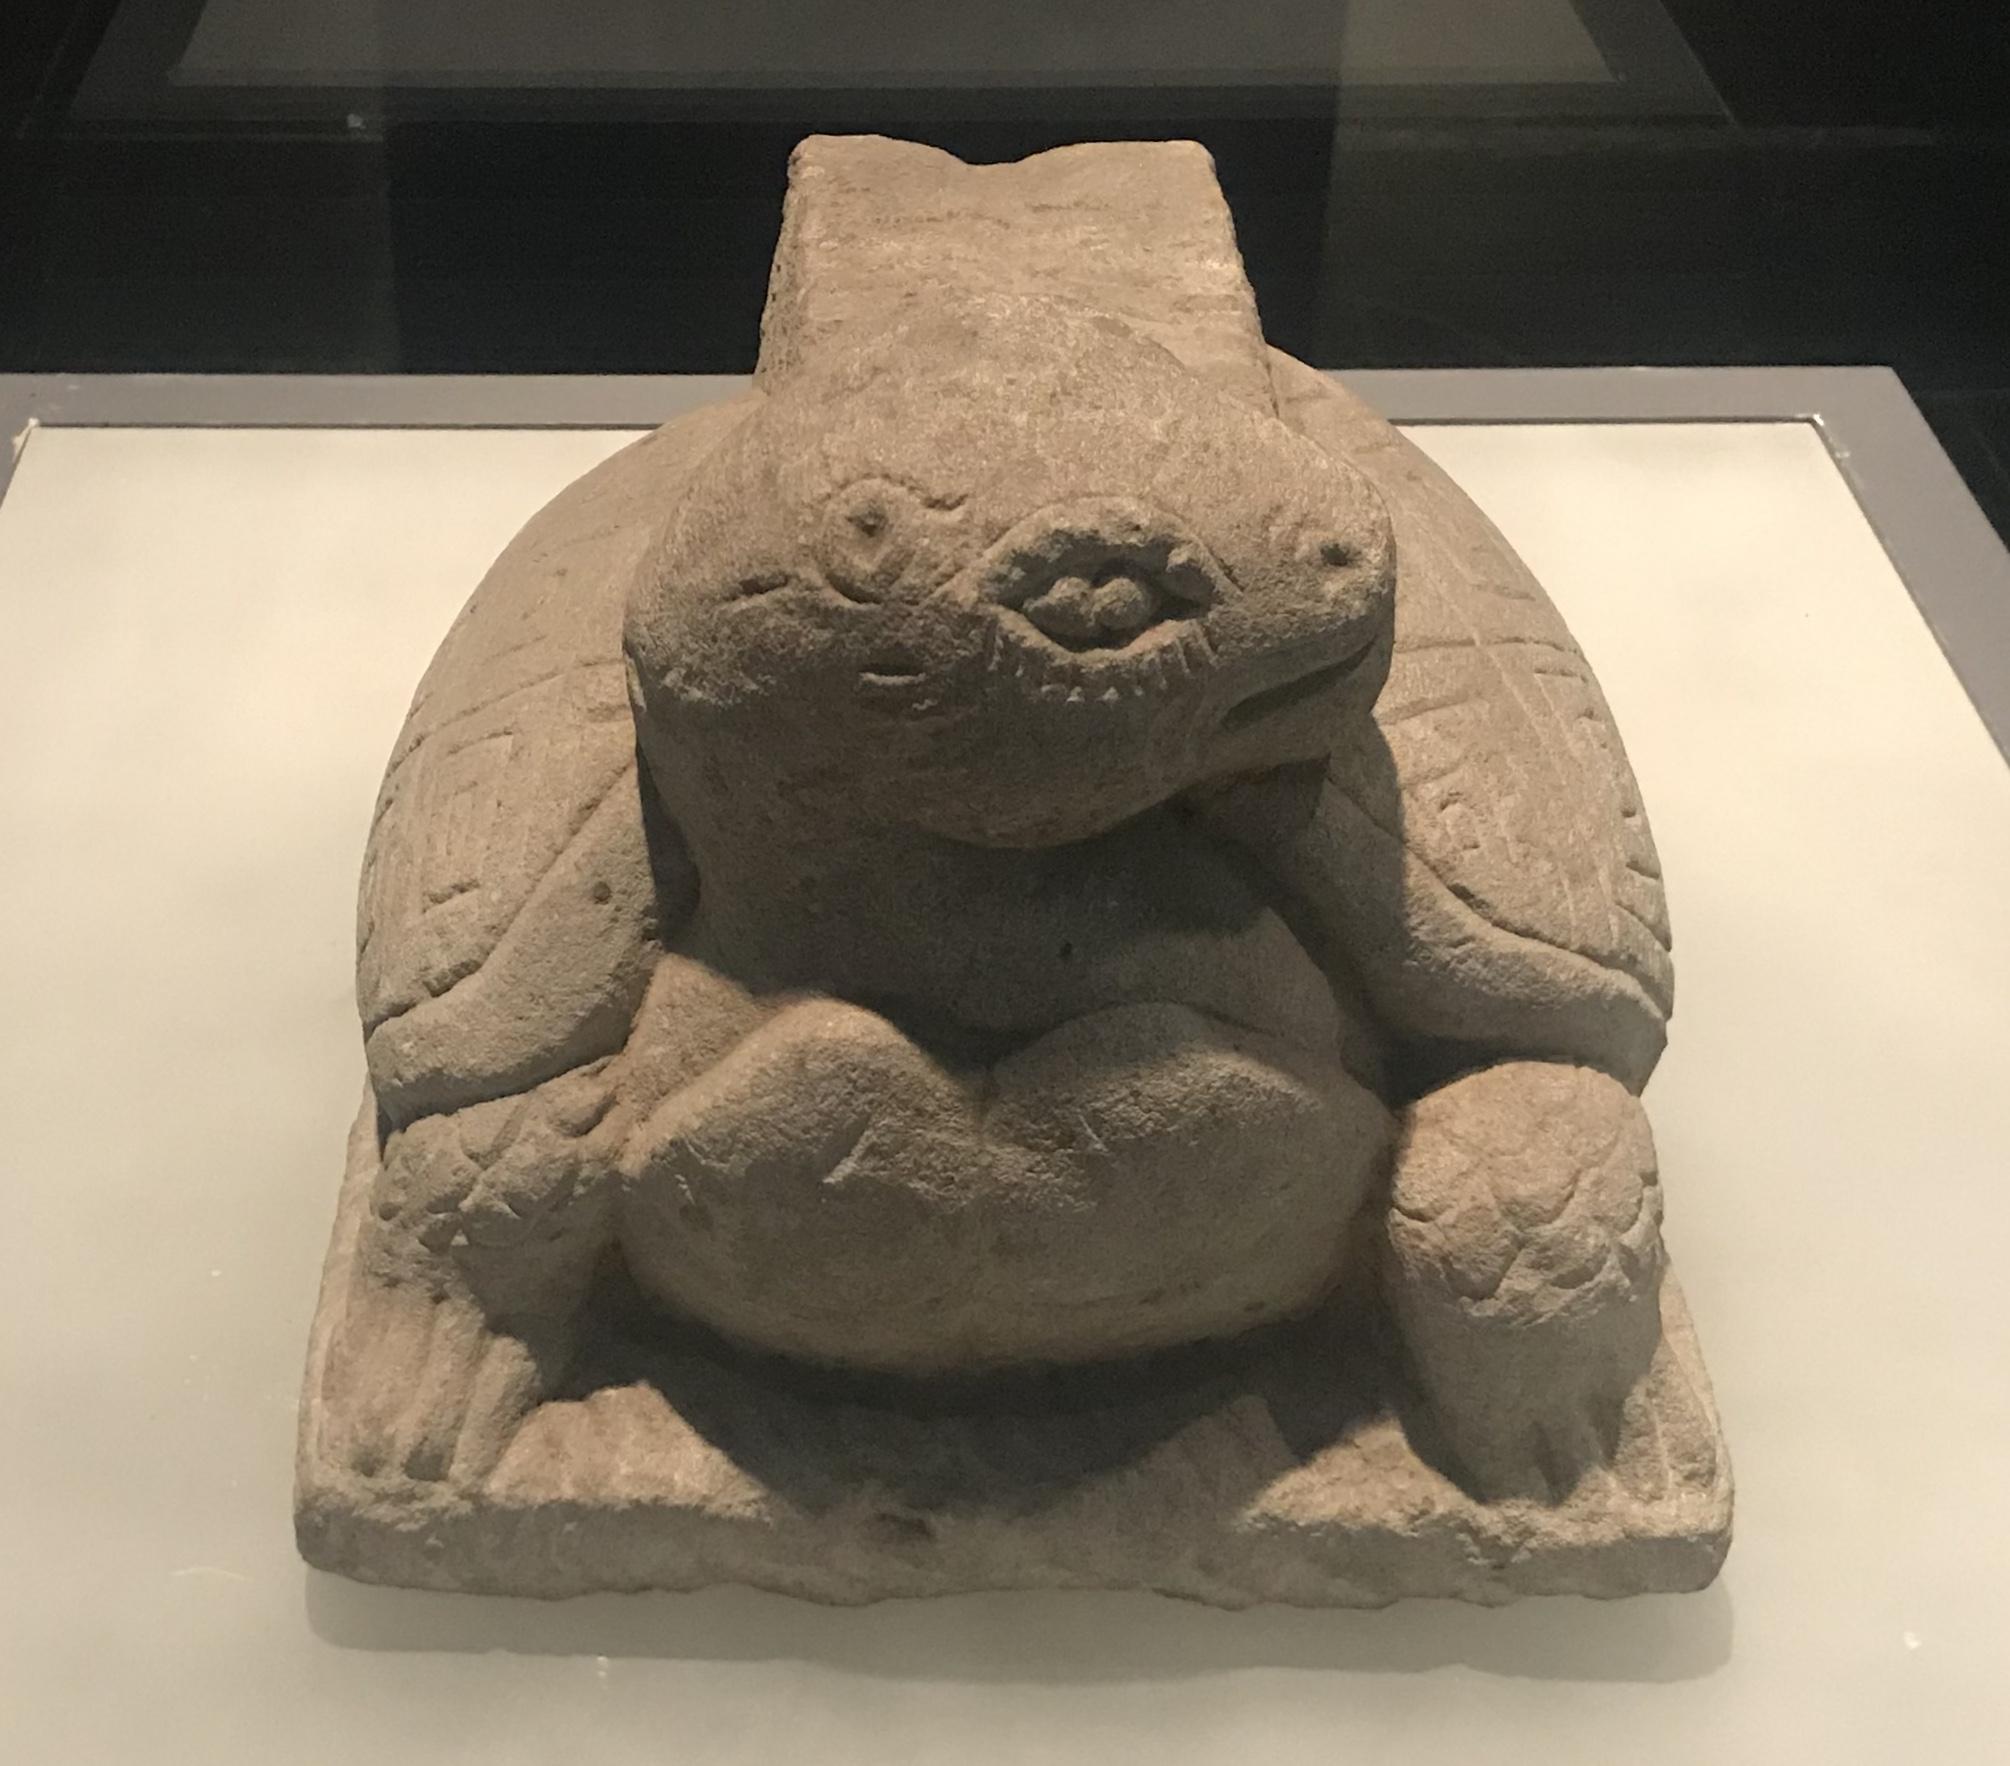 亀型石礎座-東漢-雅安市河北沙溪-四川漢代陶石芸術館-四川博物院-成都